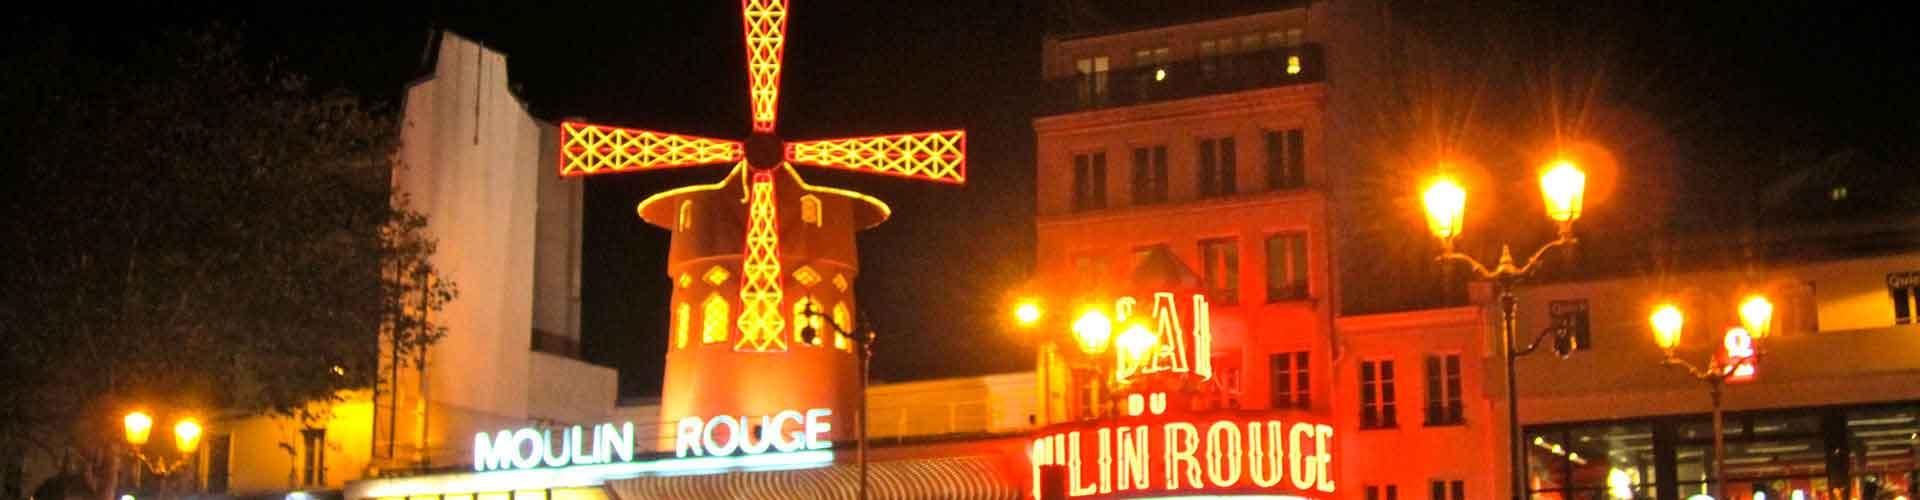 París - Apartamentos cerca a Moulin Rouge. Mapas de París, Fotos y comentarios de cada Apartamento en París.